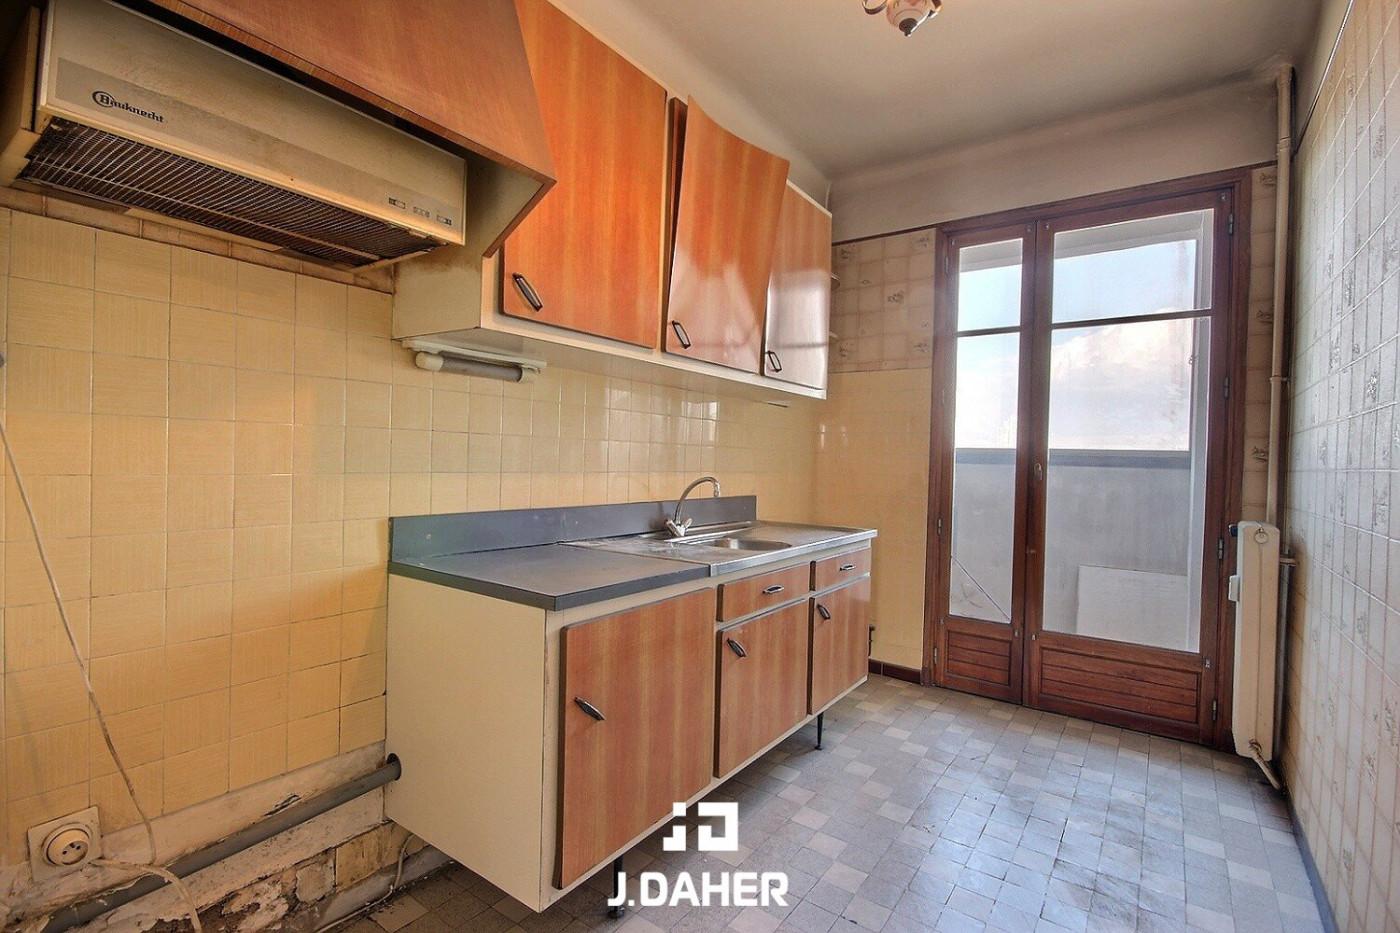 A vendre  Marseille 10eme Arrondissement | Réf 130251057 - J daher immobilier